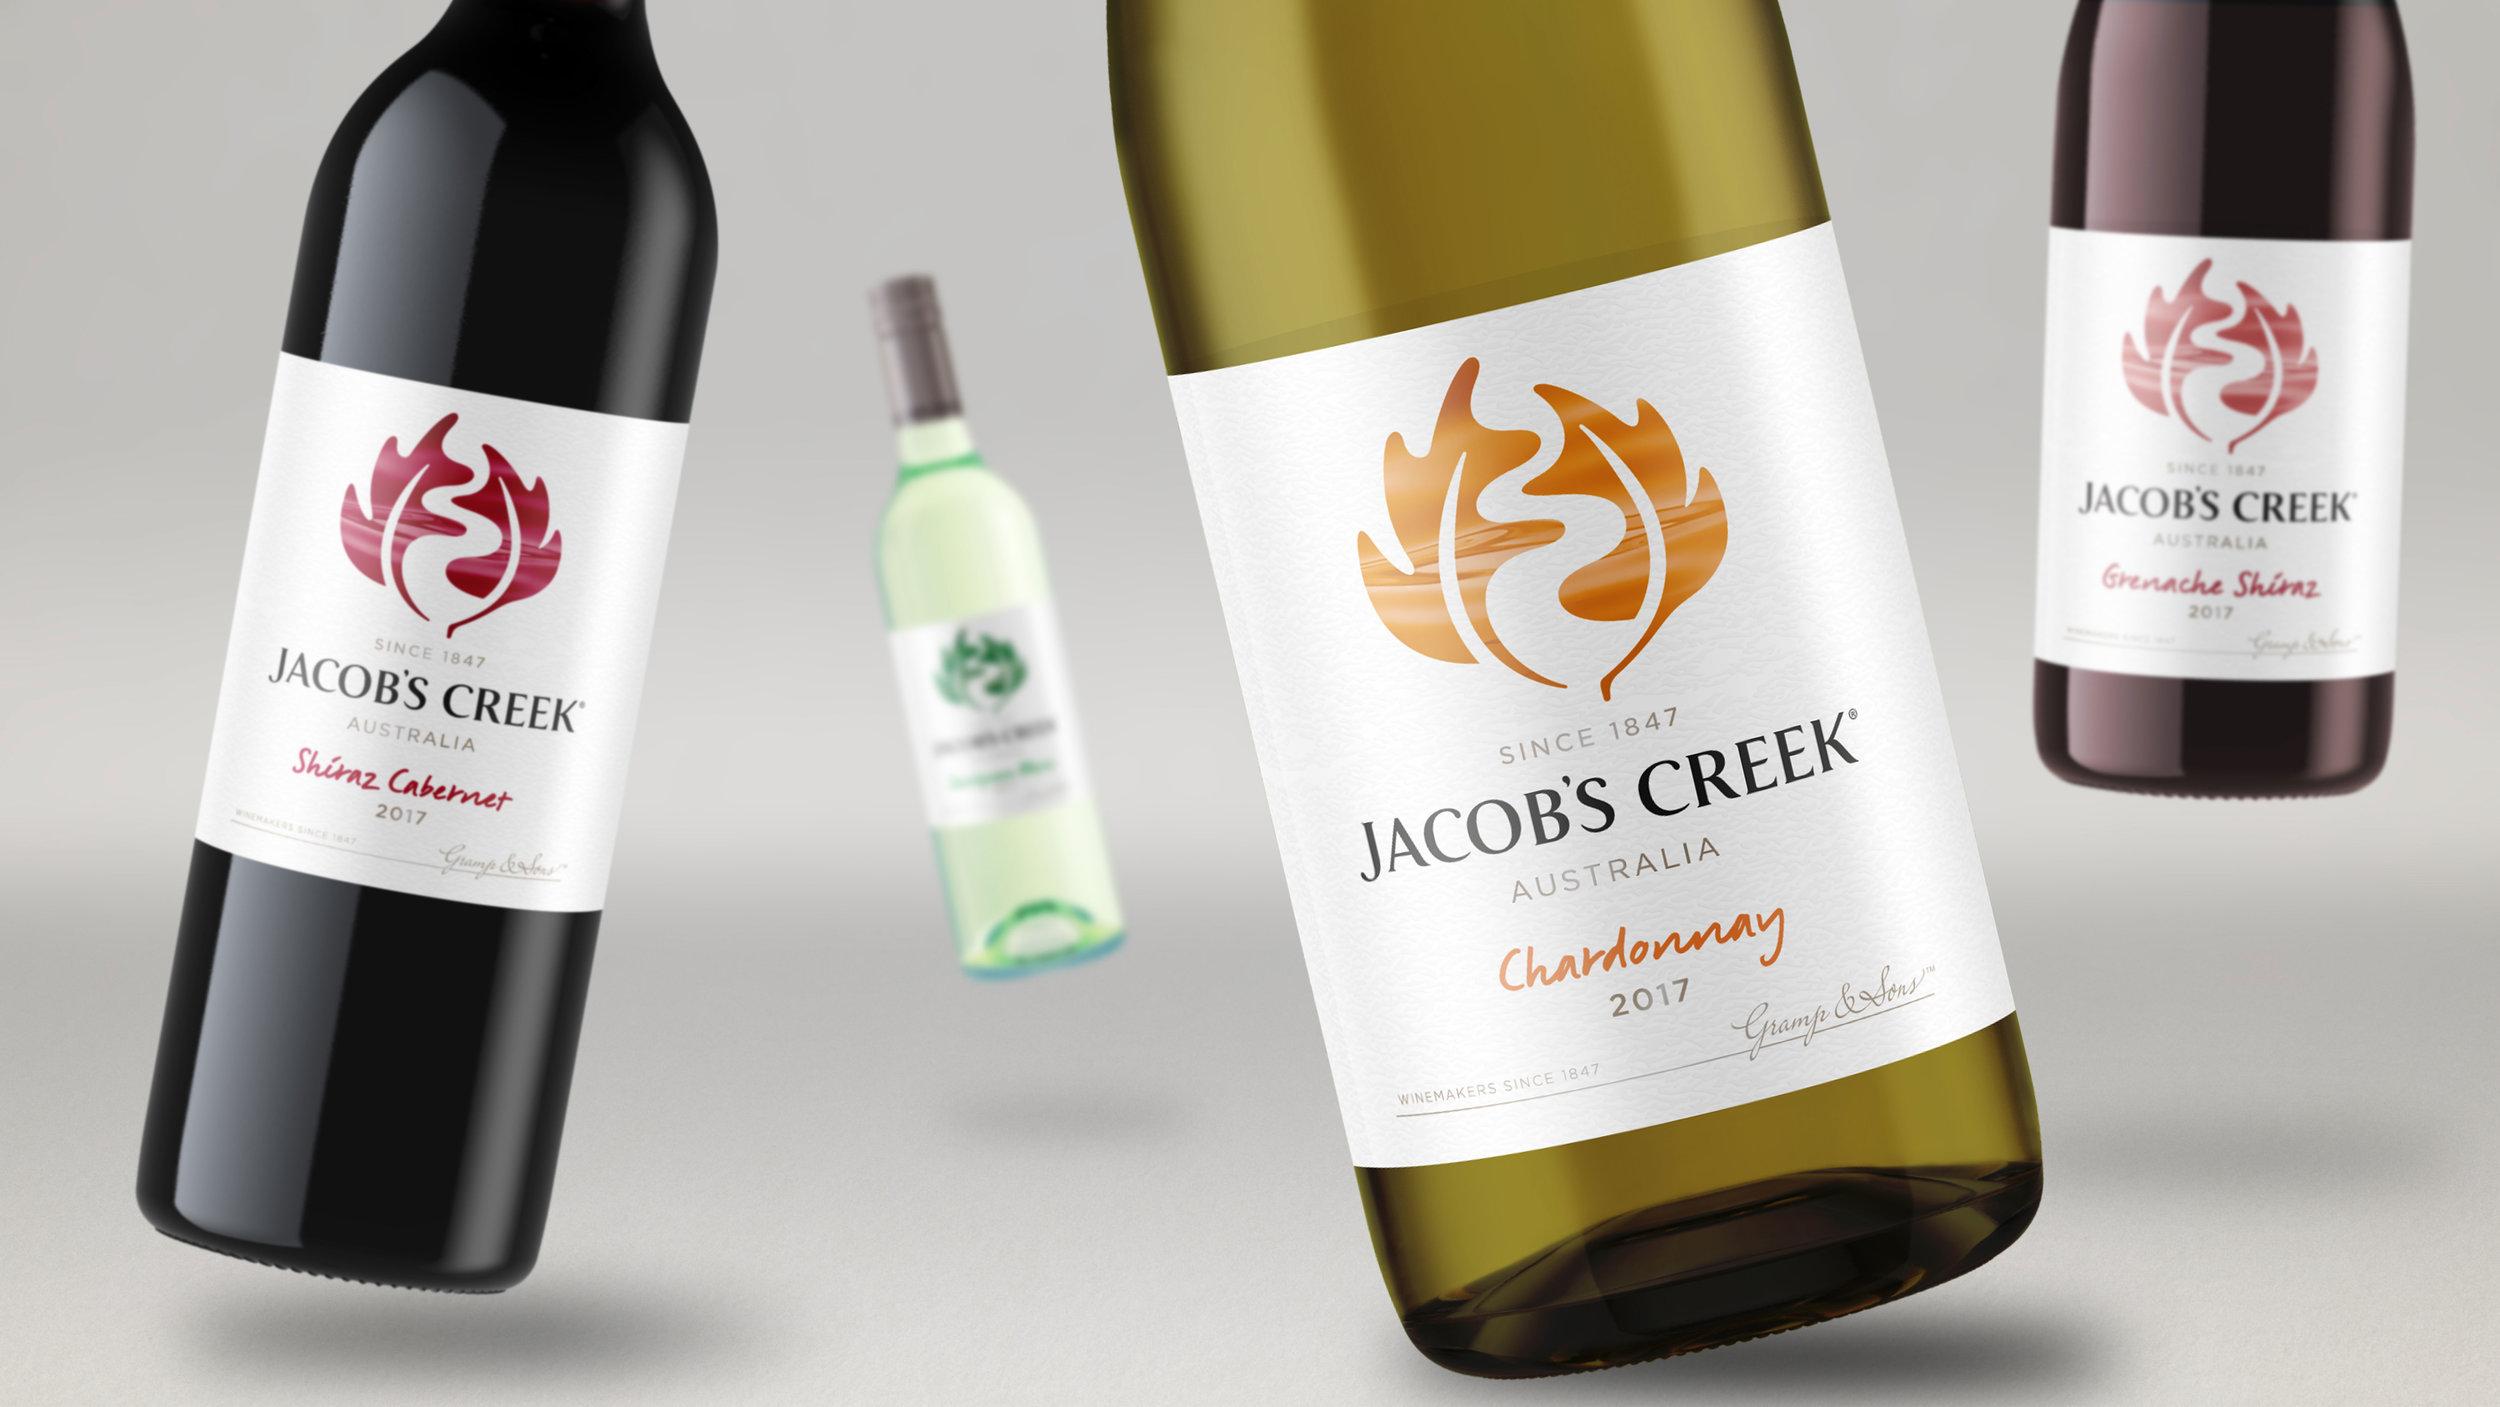 JC_Bottles_02.jpg